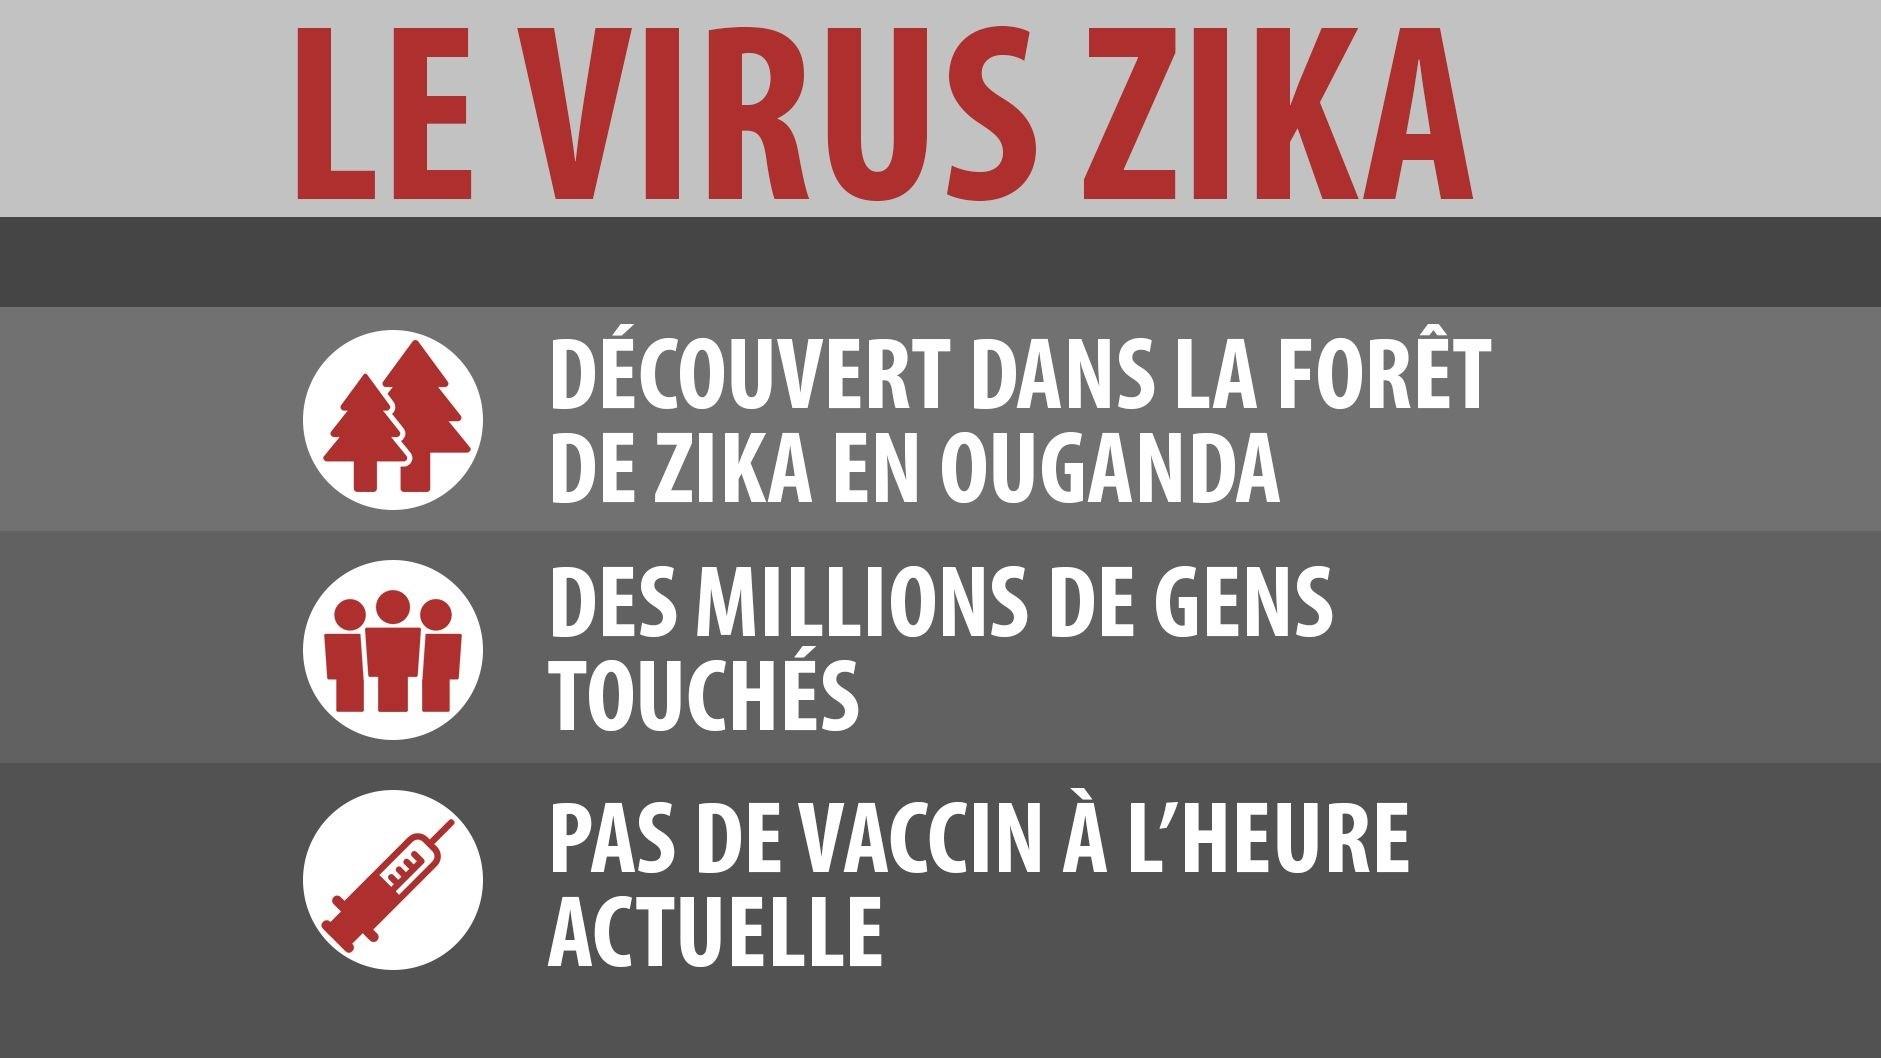 Après avoir frappé l'Amérique du Sud de plein fouet, le virus Zika s'attaque à l'Europe